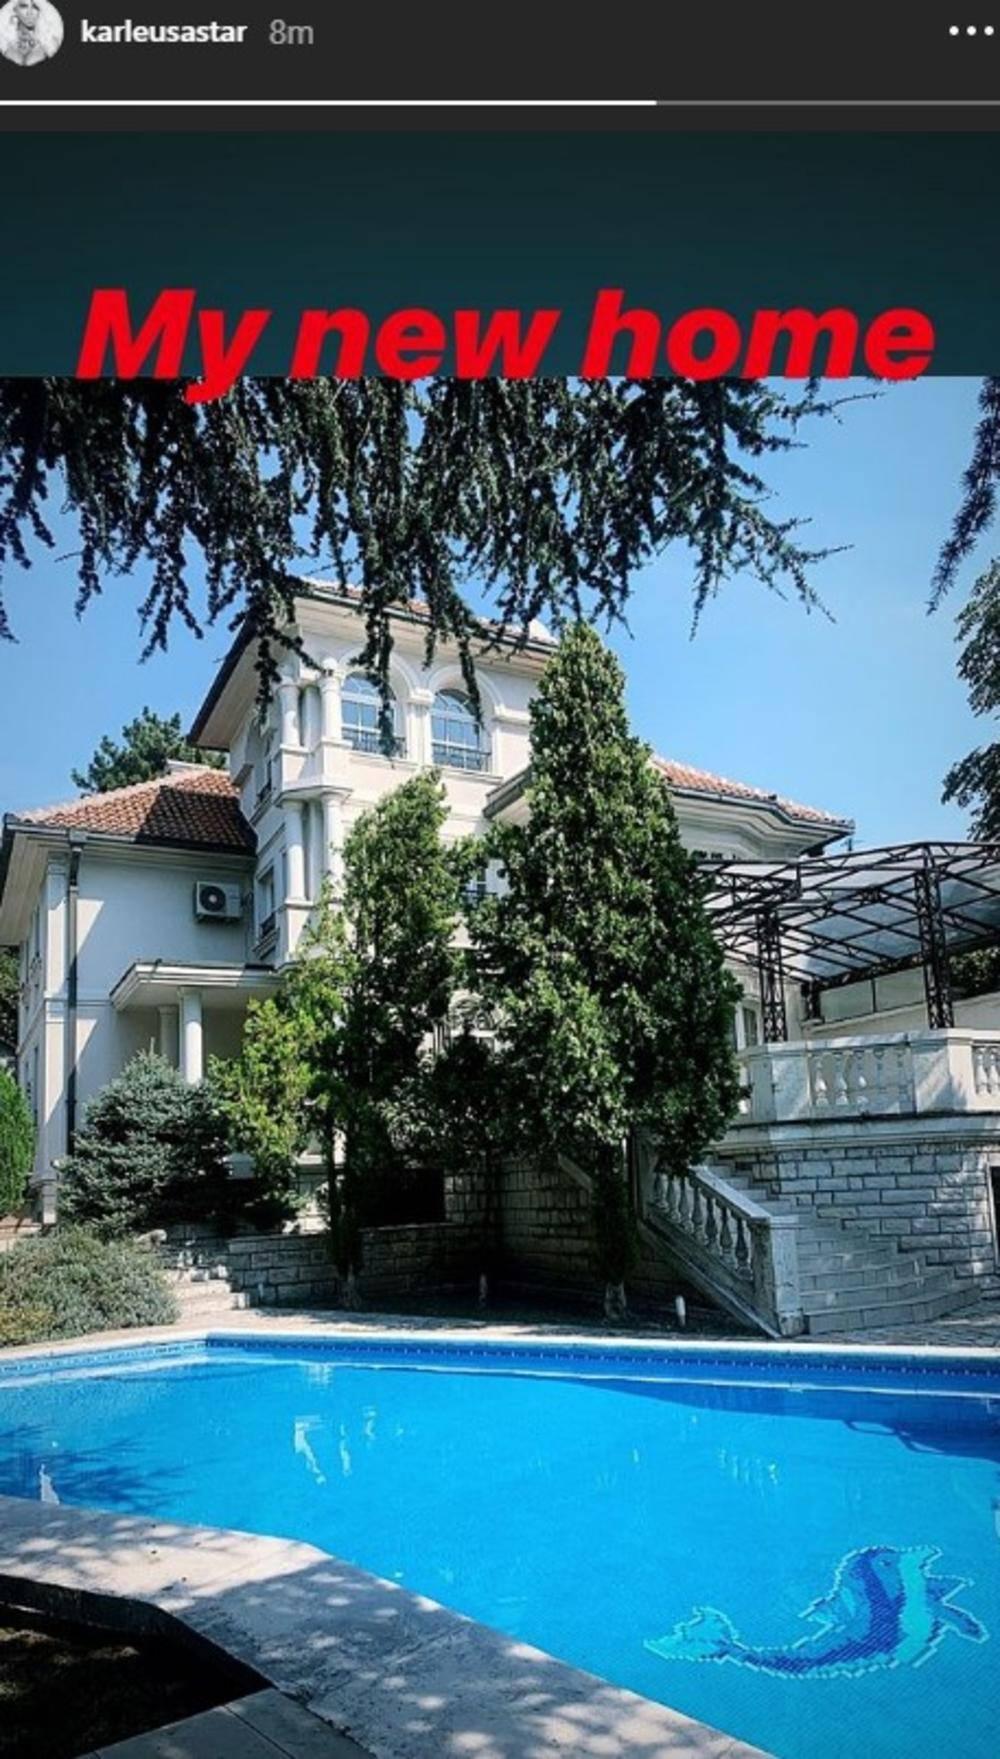 Jelenin dom od 18 mil. kuna: Ima bazen i sobu za poslugu...